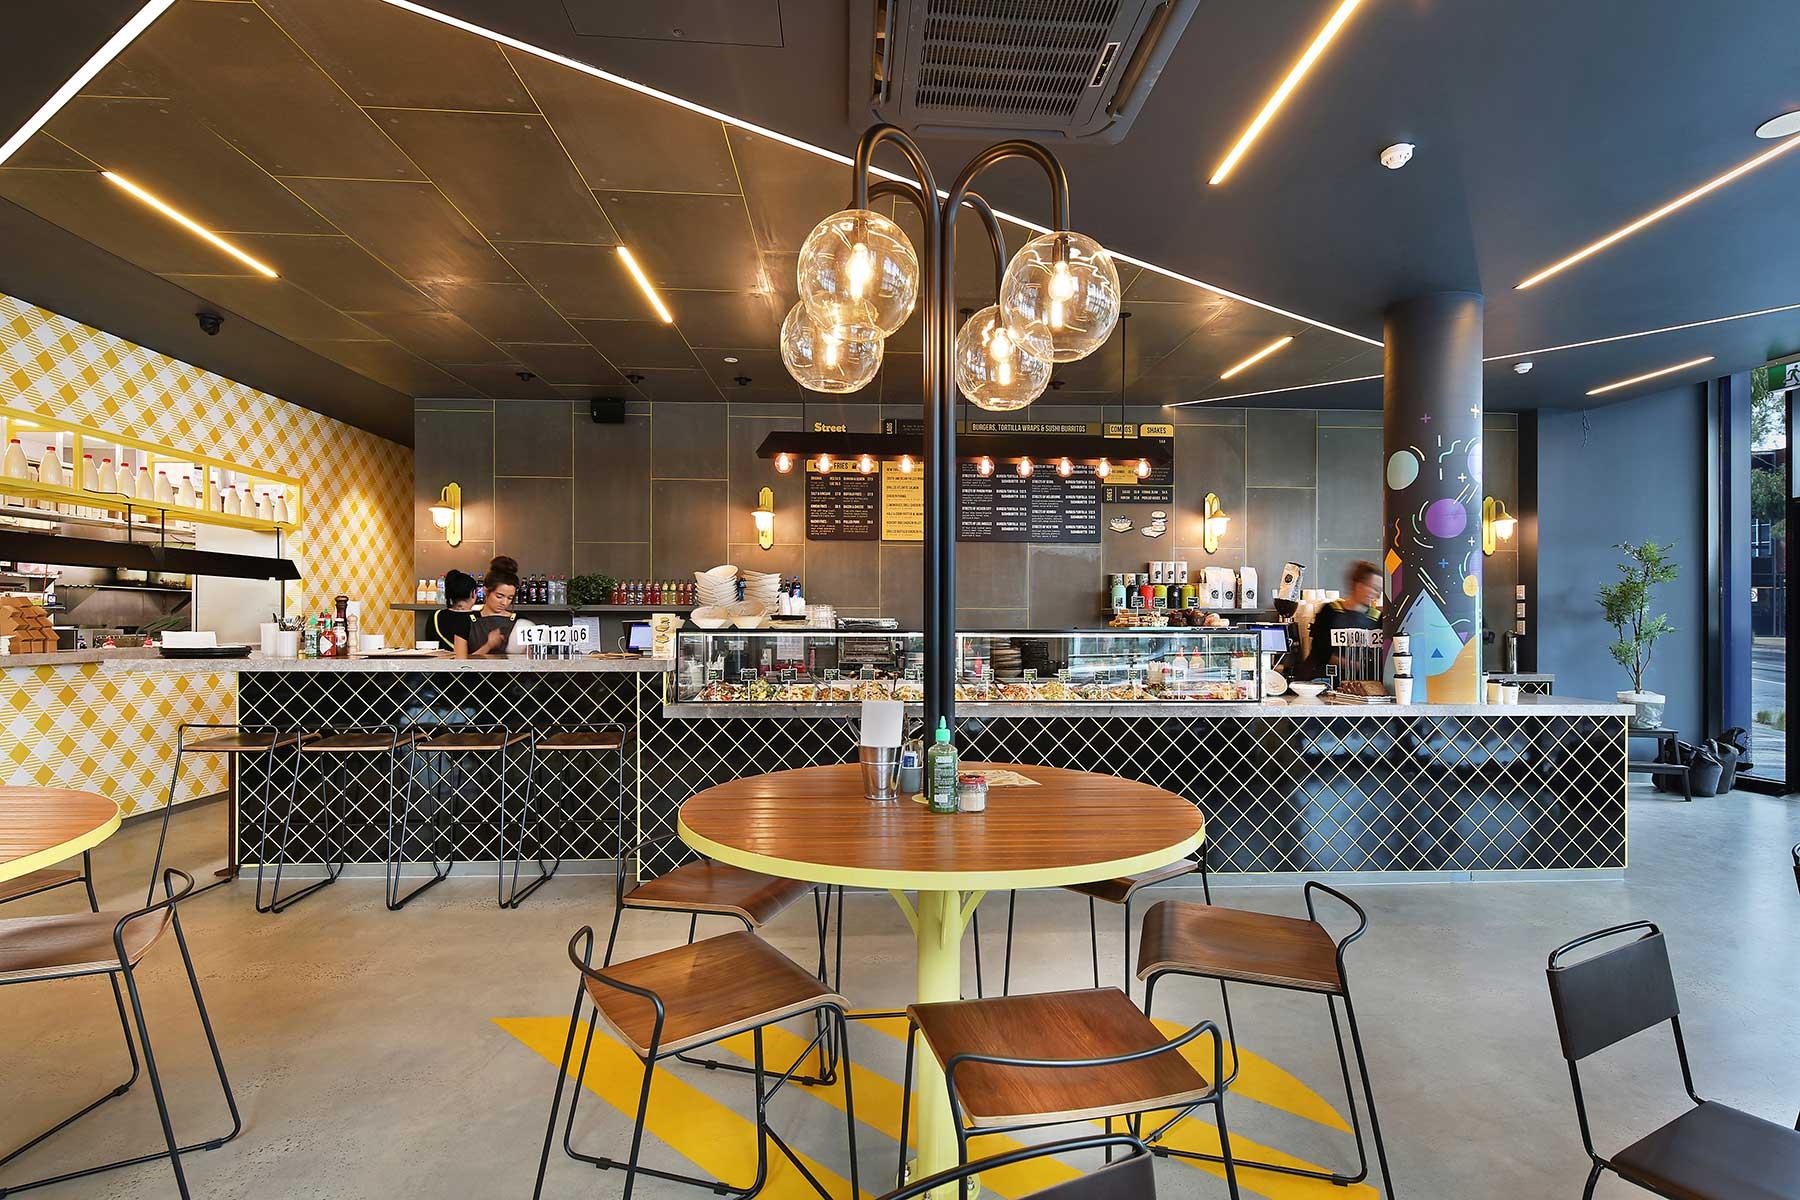 Street Kitchen, Burnley - interior design by Studio Y.